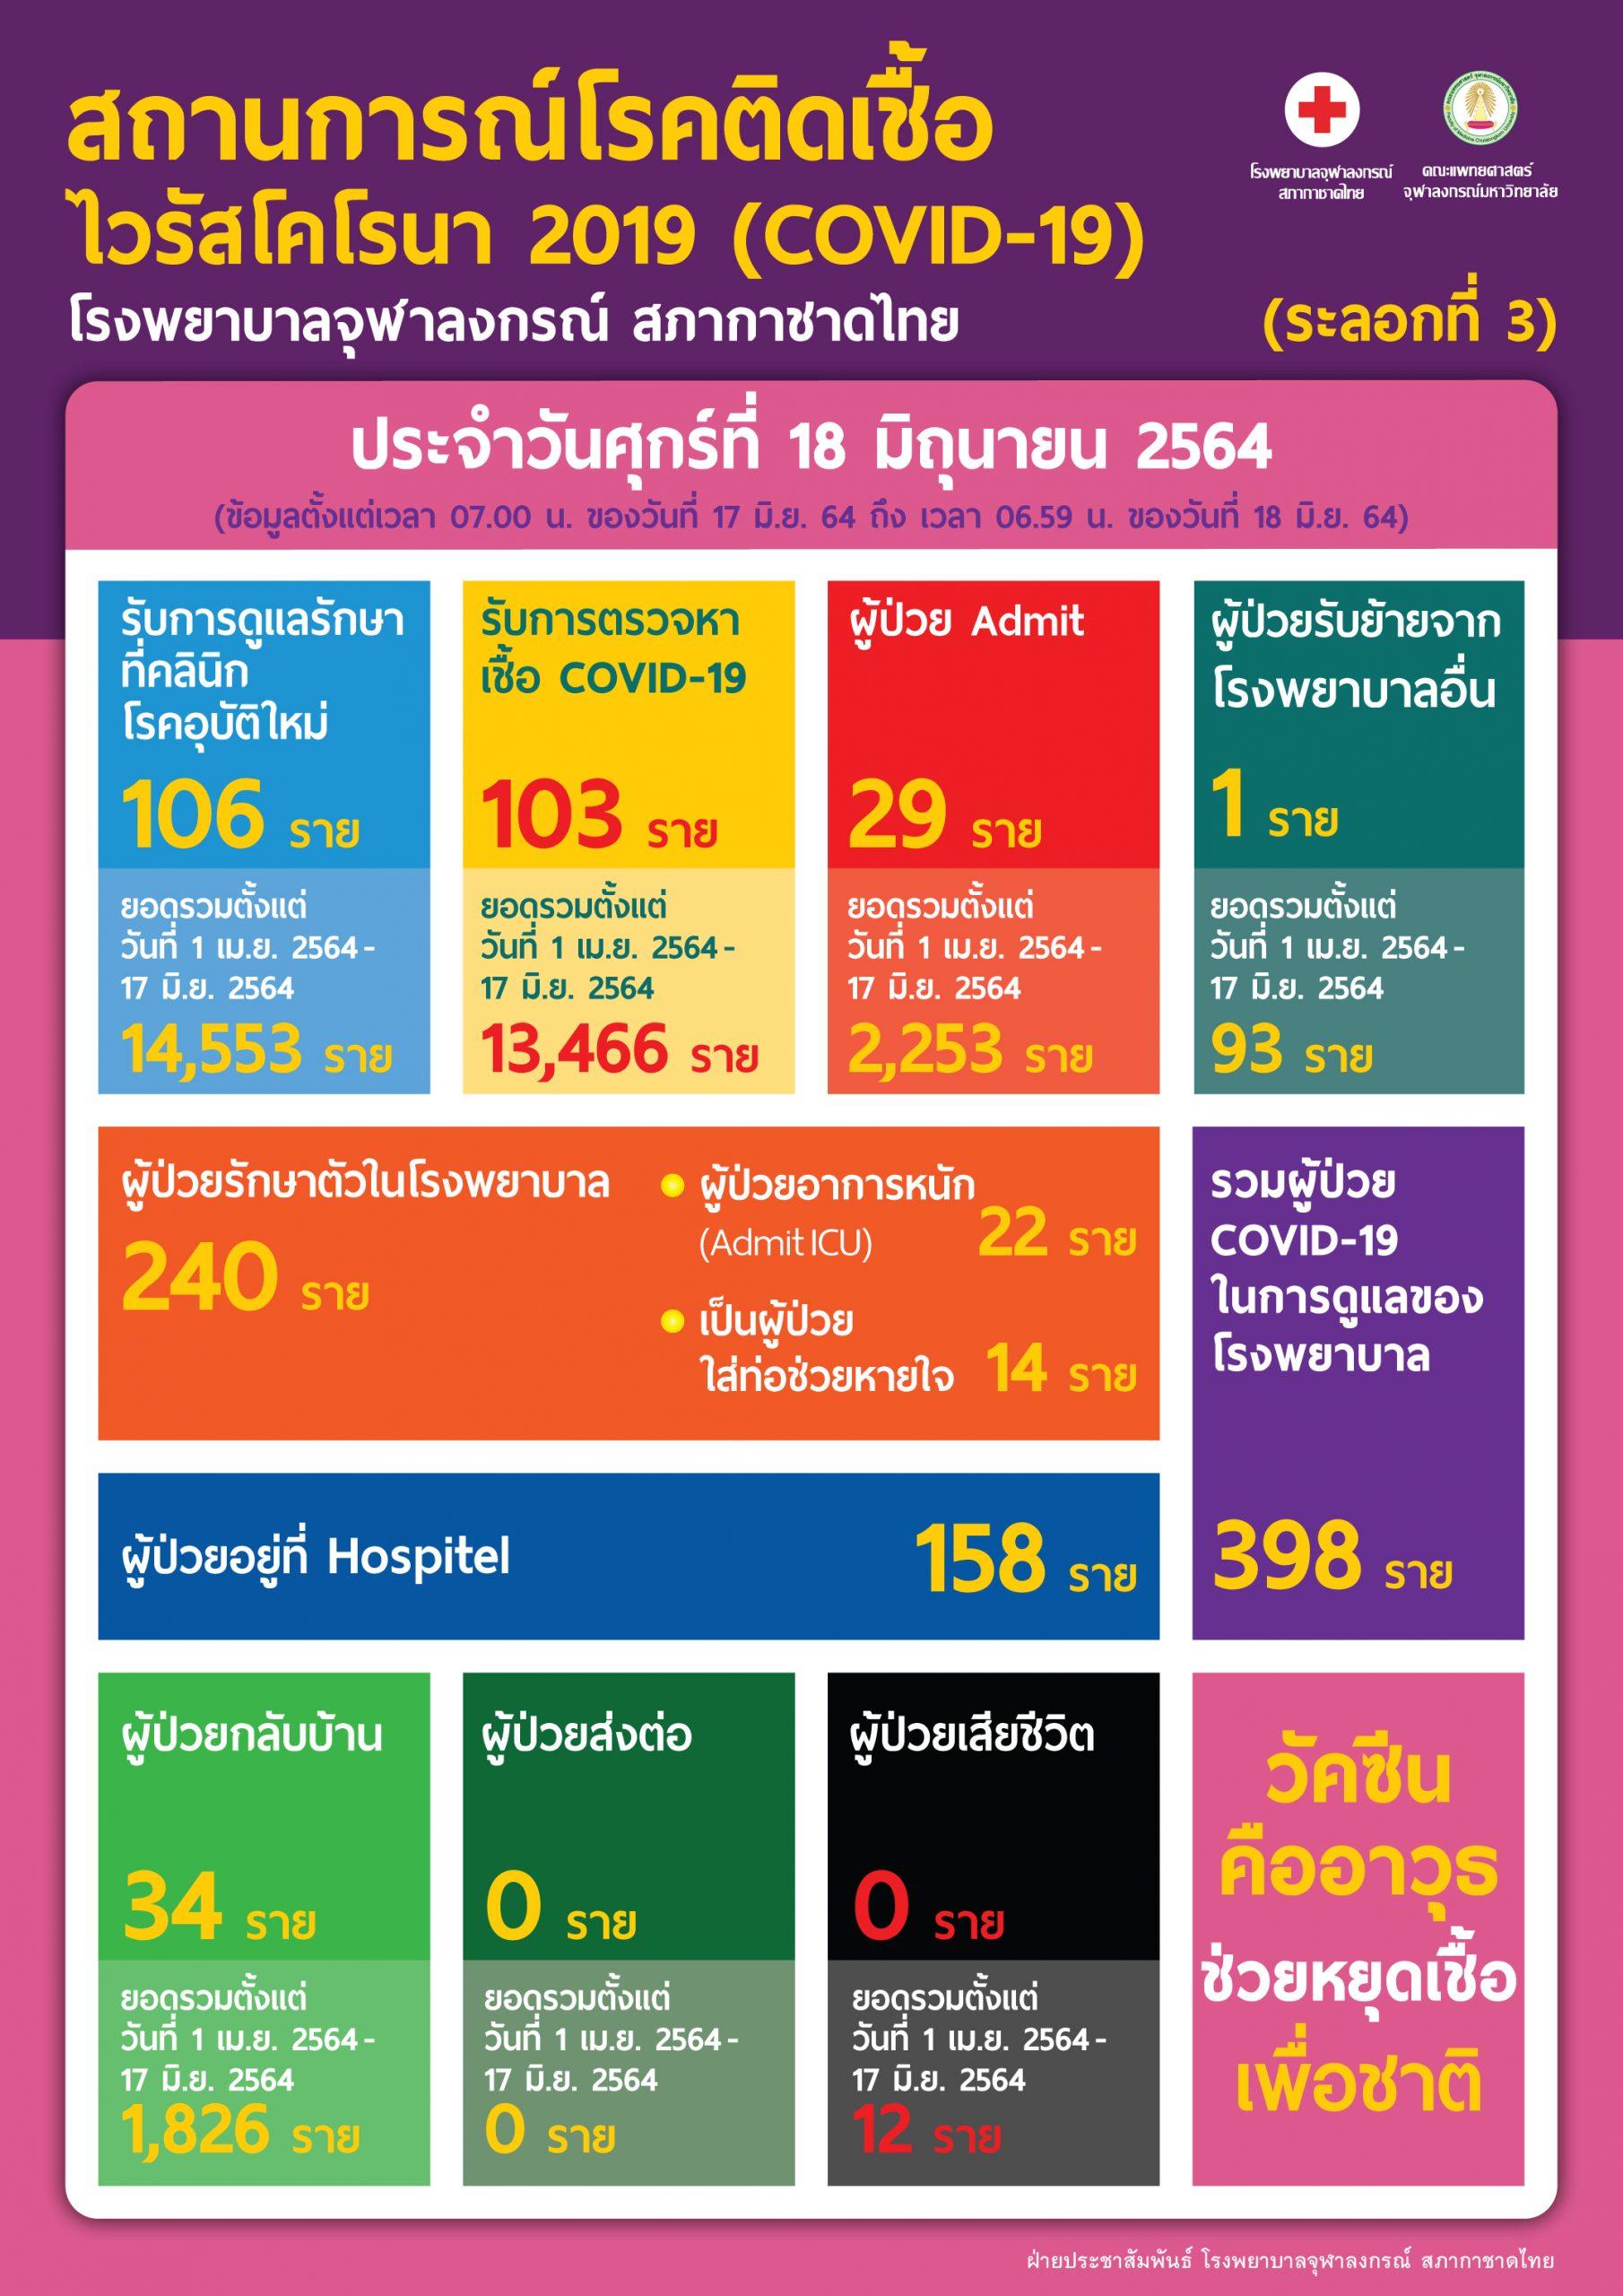 สถานการณ์โรคติดเชื้อไวรัสโคโรนา 2019 (COVID-19) (ระลอกที่ 3) โรงพยาบาลจุฬาลงกรณ์ สภากาชาดไทย  ประจำวันศุกร์ที่ 18 มิถุนายน 2564